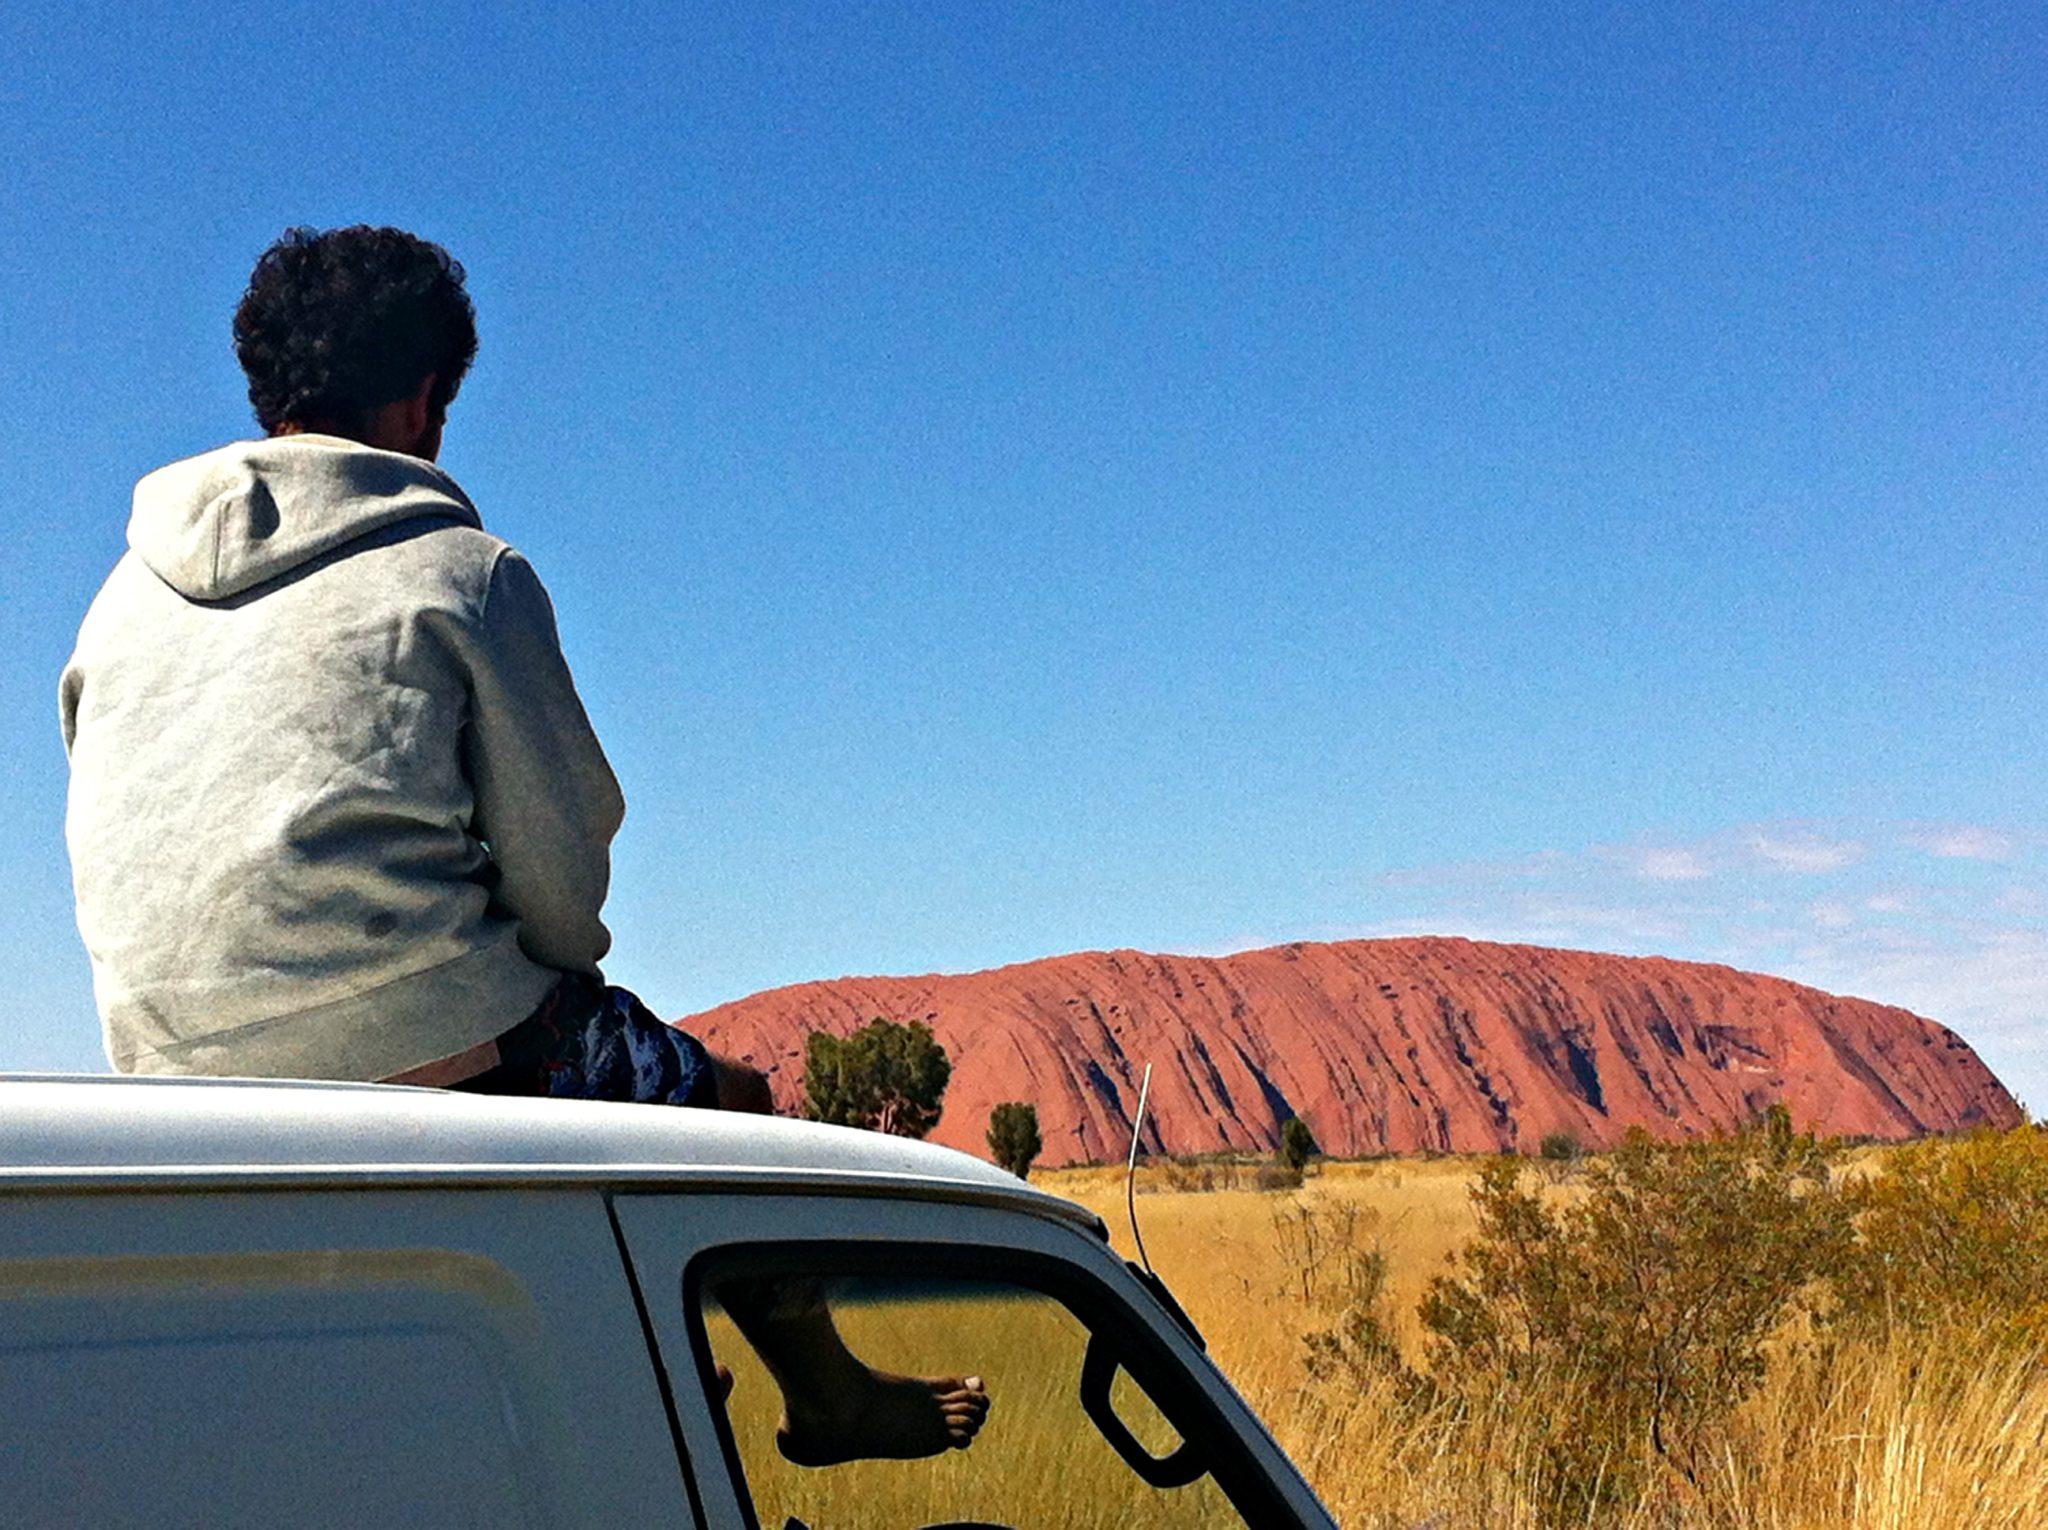 Vue sur Ayers Rock - Uluru au coeur de l'Australie